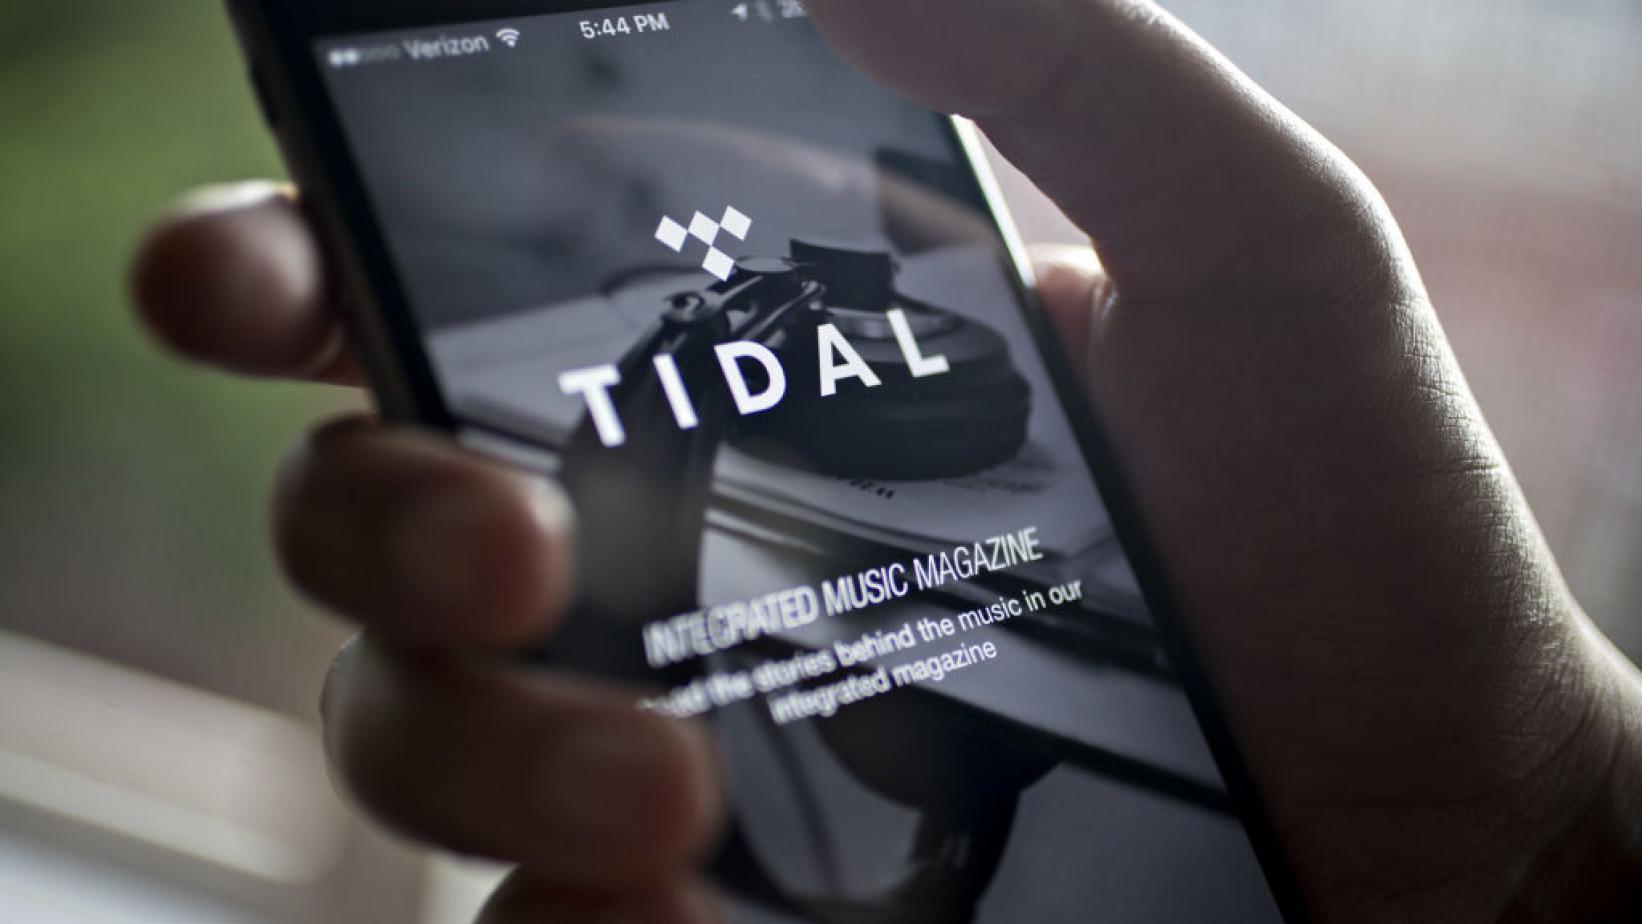 TIDAL Türkiye'de Engellendi!, OkuGit.Com - Tarih, Güncel, Kadın, Sağlık, Moda Bilgileri Genel Bloğu